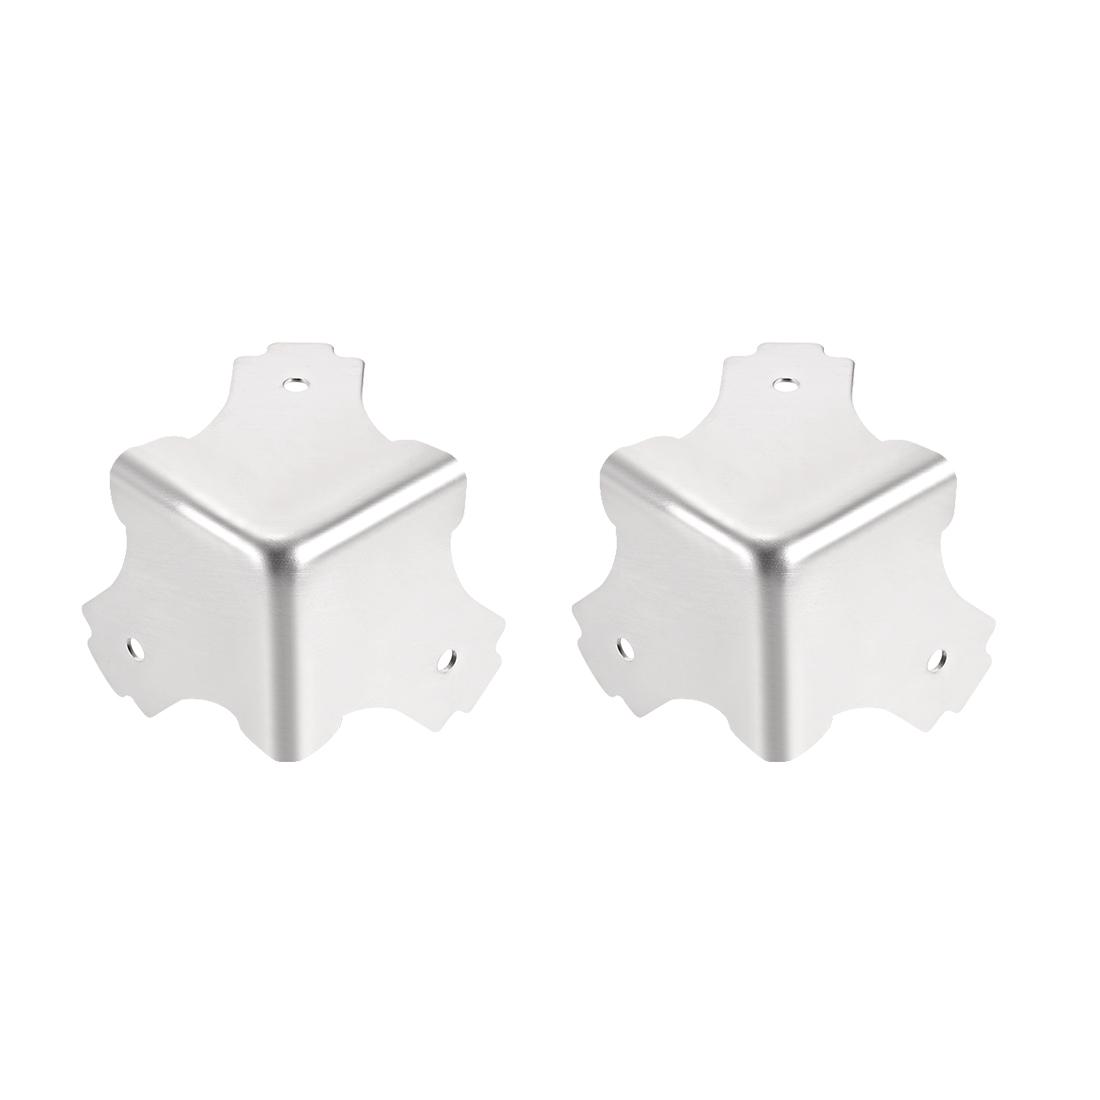 Metal Box Corner Protectors Edge Guard Protector 38.8 x 38.8 x 38.8mm 2pcs